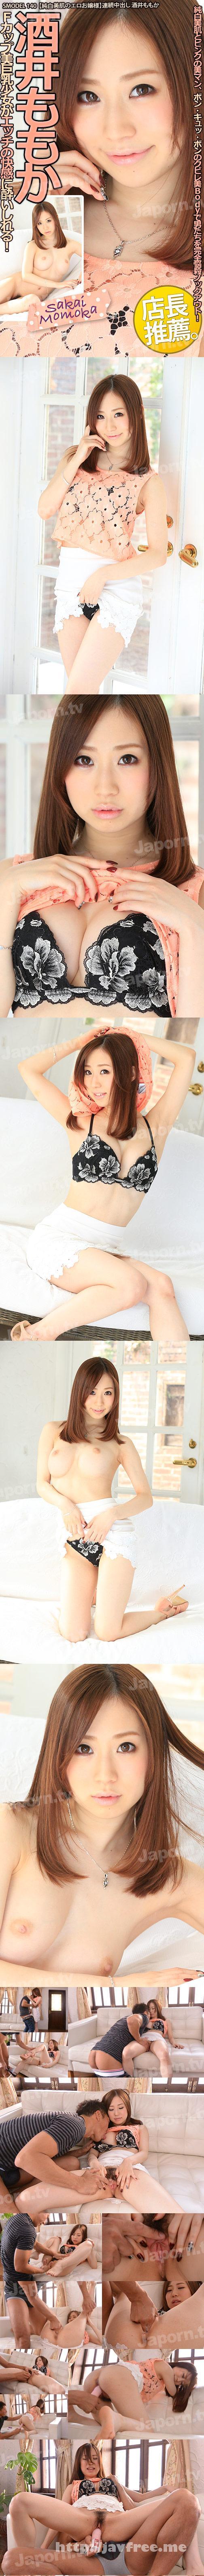 [SMD-140] S Model 140  純白美肌のエロお嬢様 連続中出し : 酒井ももか - image SMD-140_1 on https://javfree.me